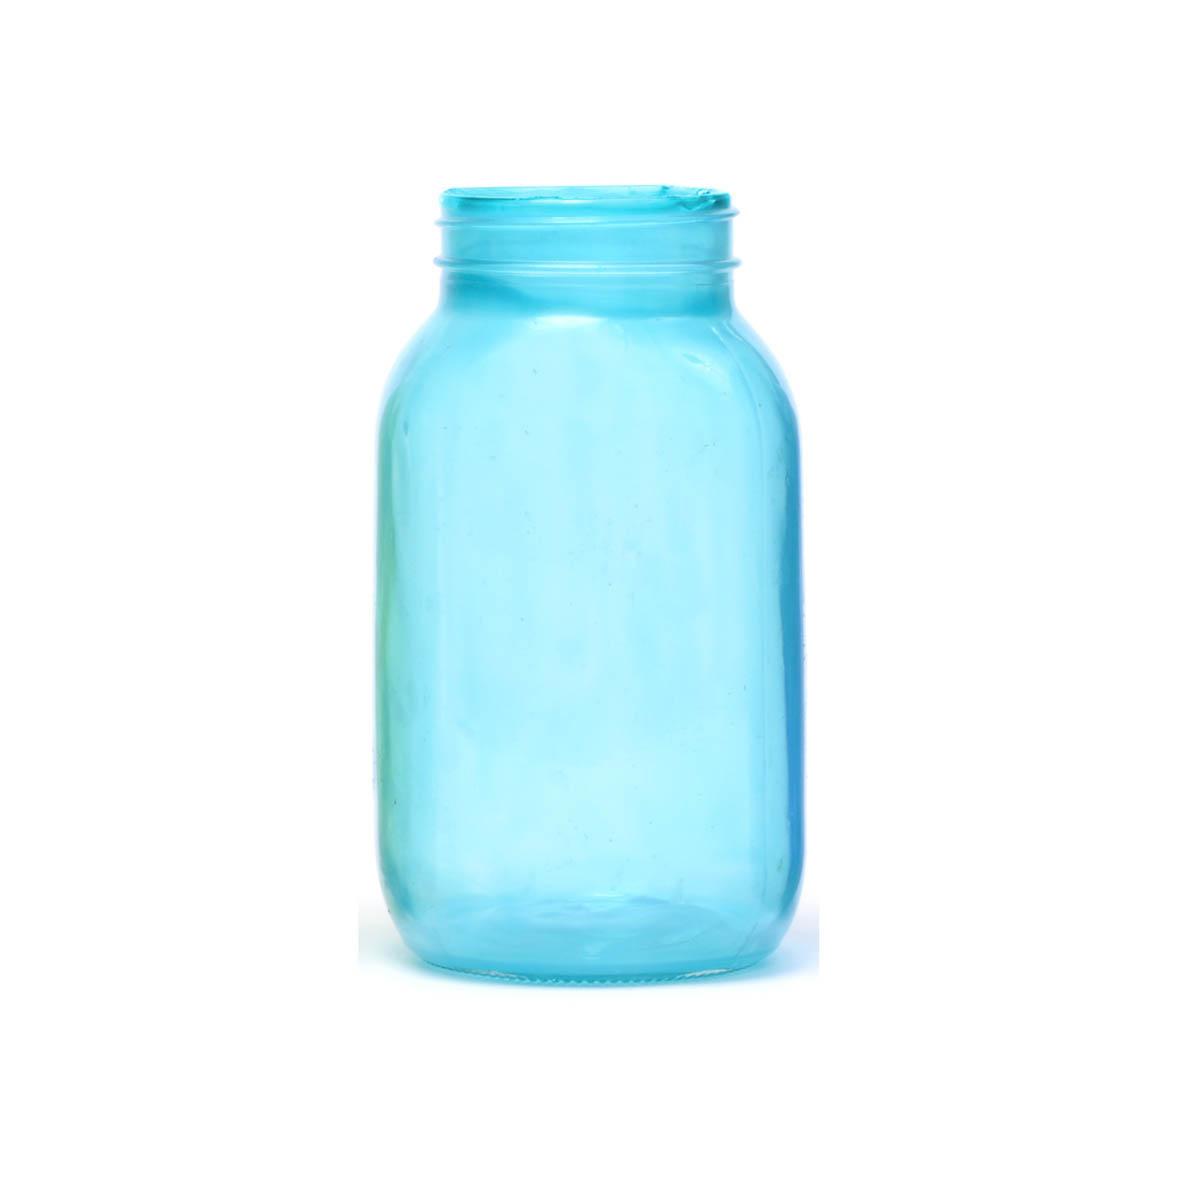 Mod Podge ® Sheer Color - Aqua, 4 oz.